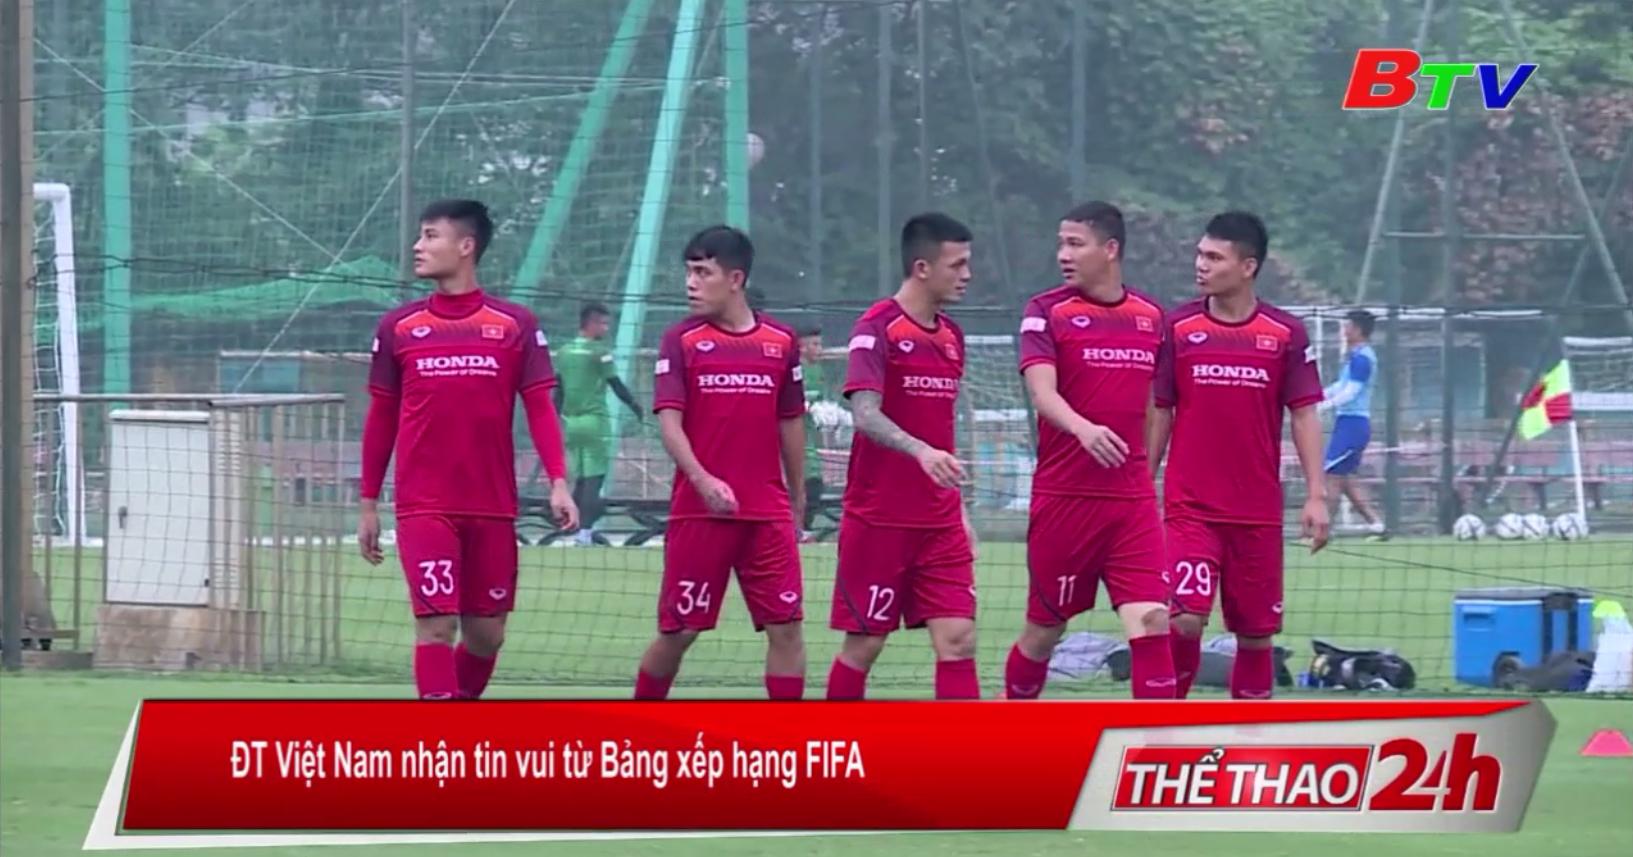 ĐT Việt Nam nhận tin vui từ Bảng xếp hạng FIFA